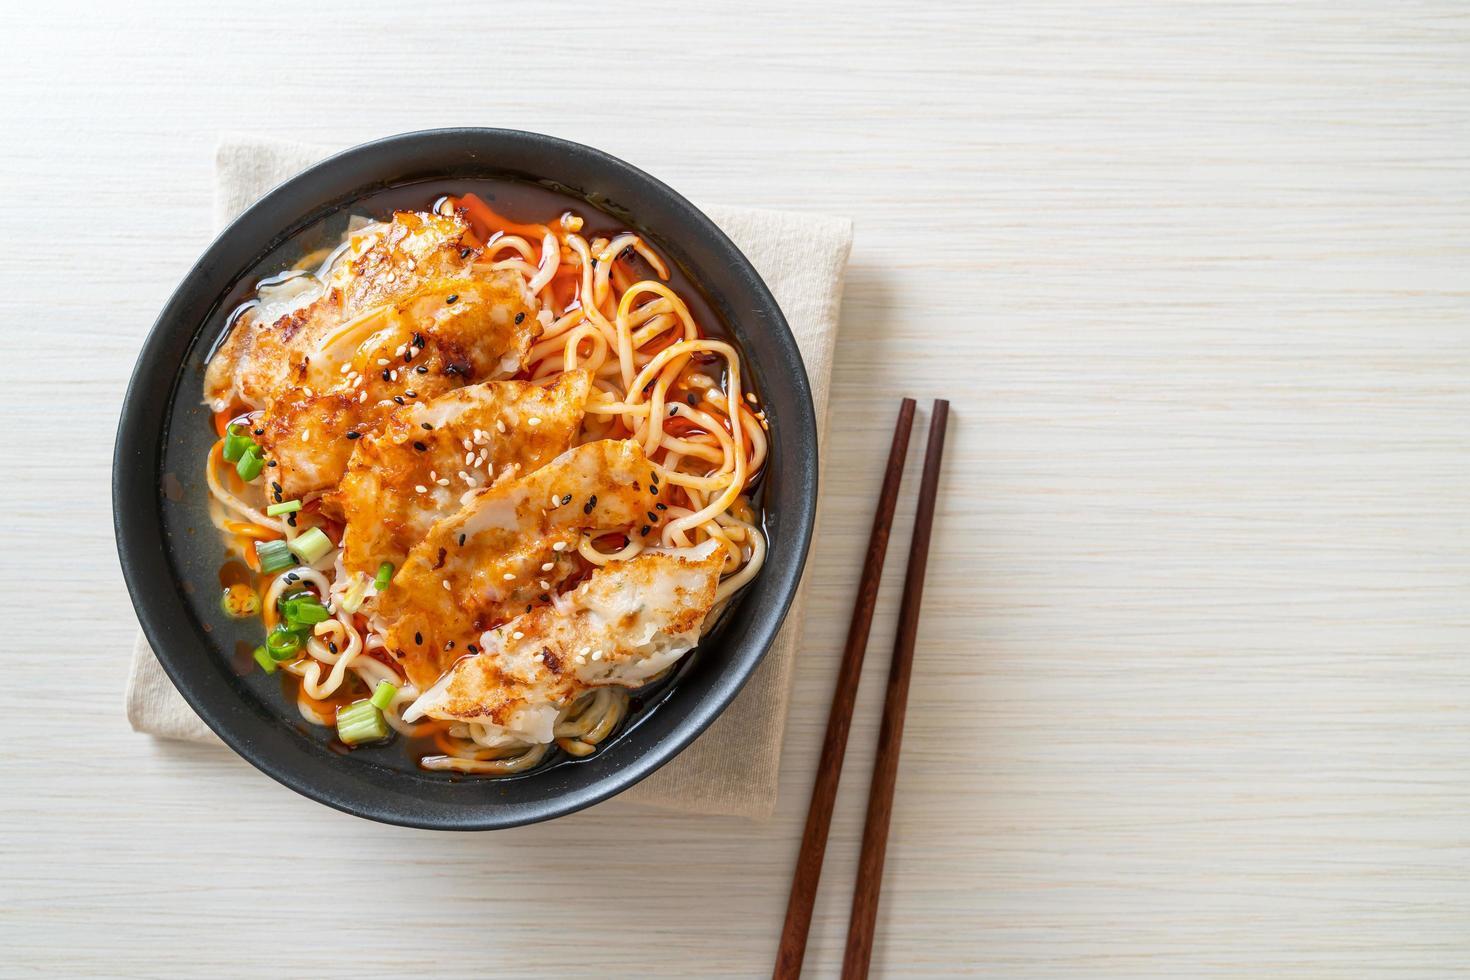 ramen nudlar med gyoza eller fläsk dumplings - asiatisk matstil foto